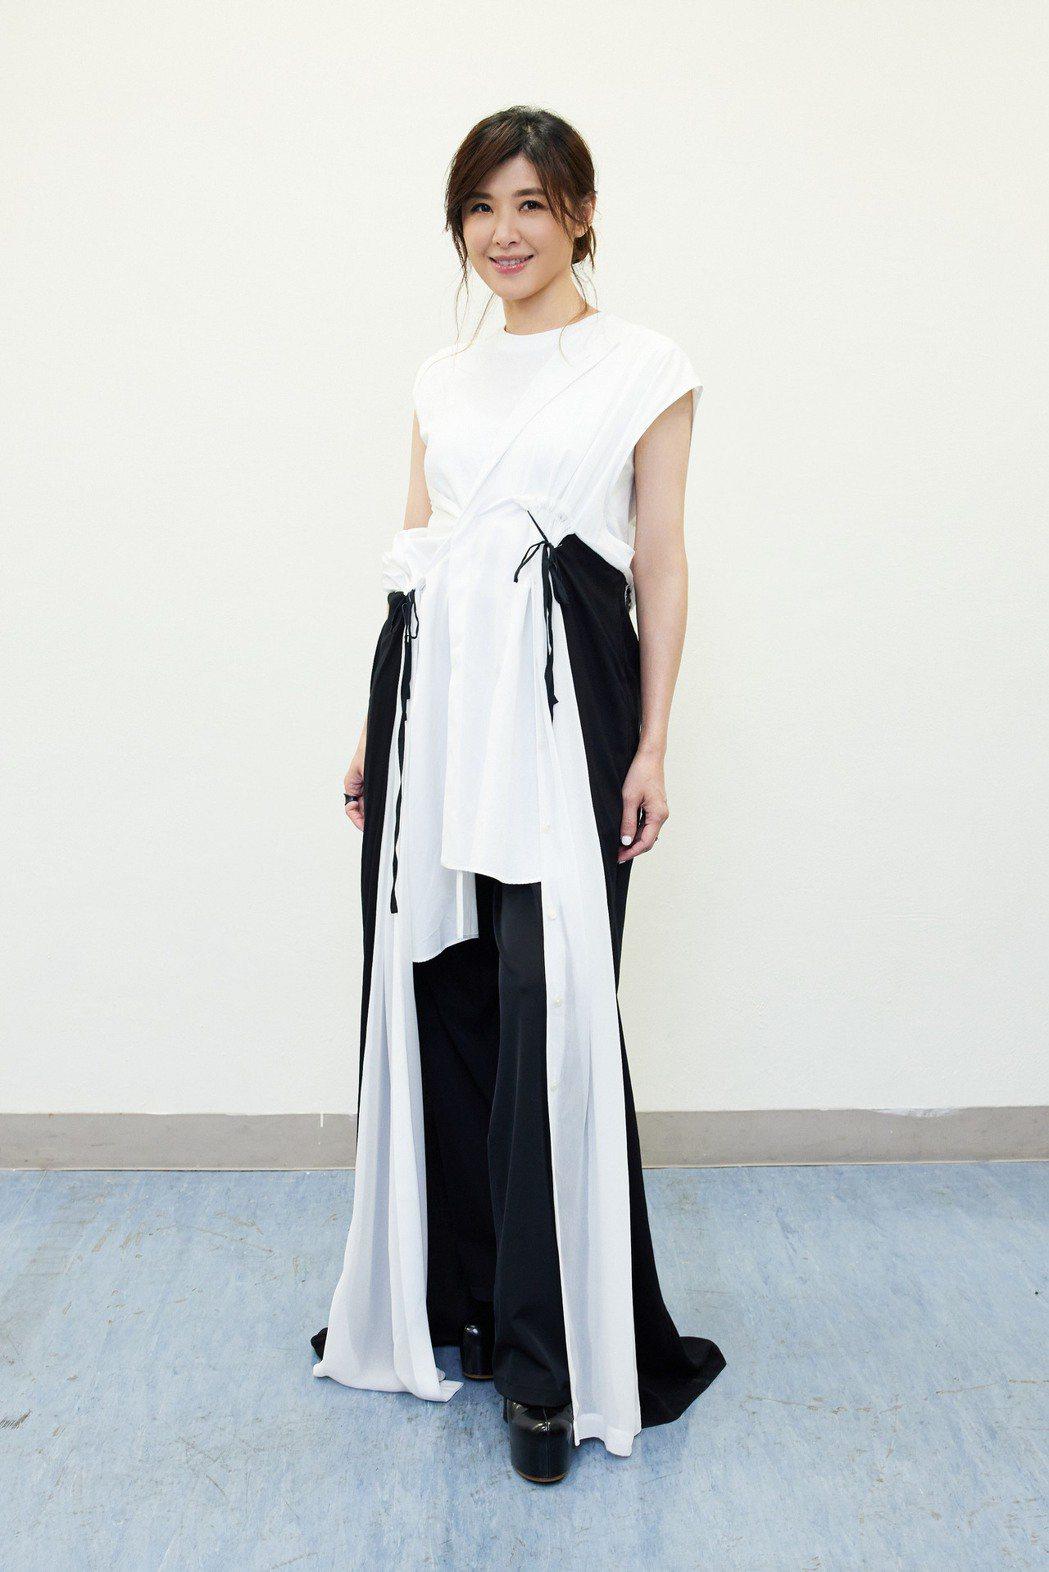 蘇慧倫身穿黑白相襯的長禮服當任周華健嘉賓。圖/滾石提供